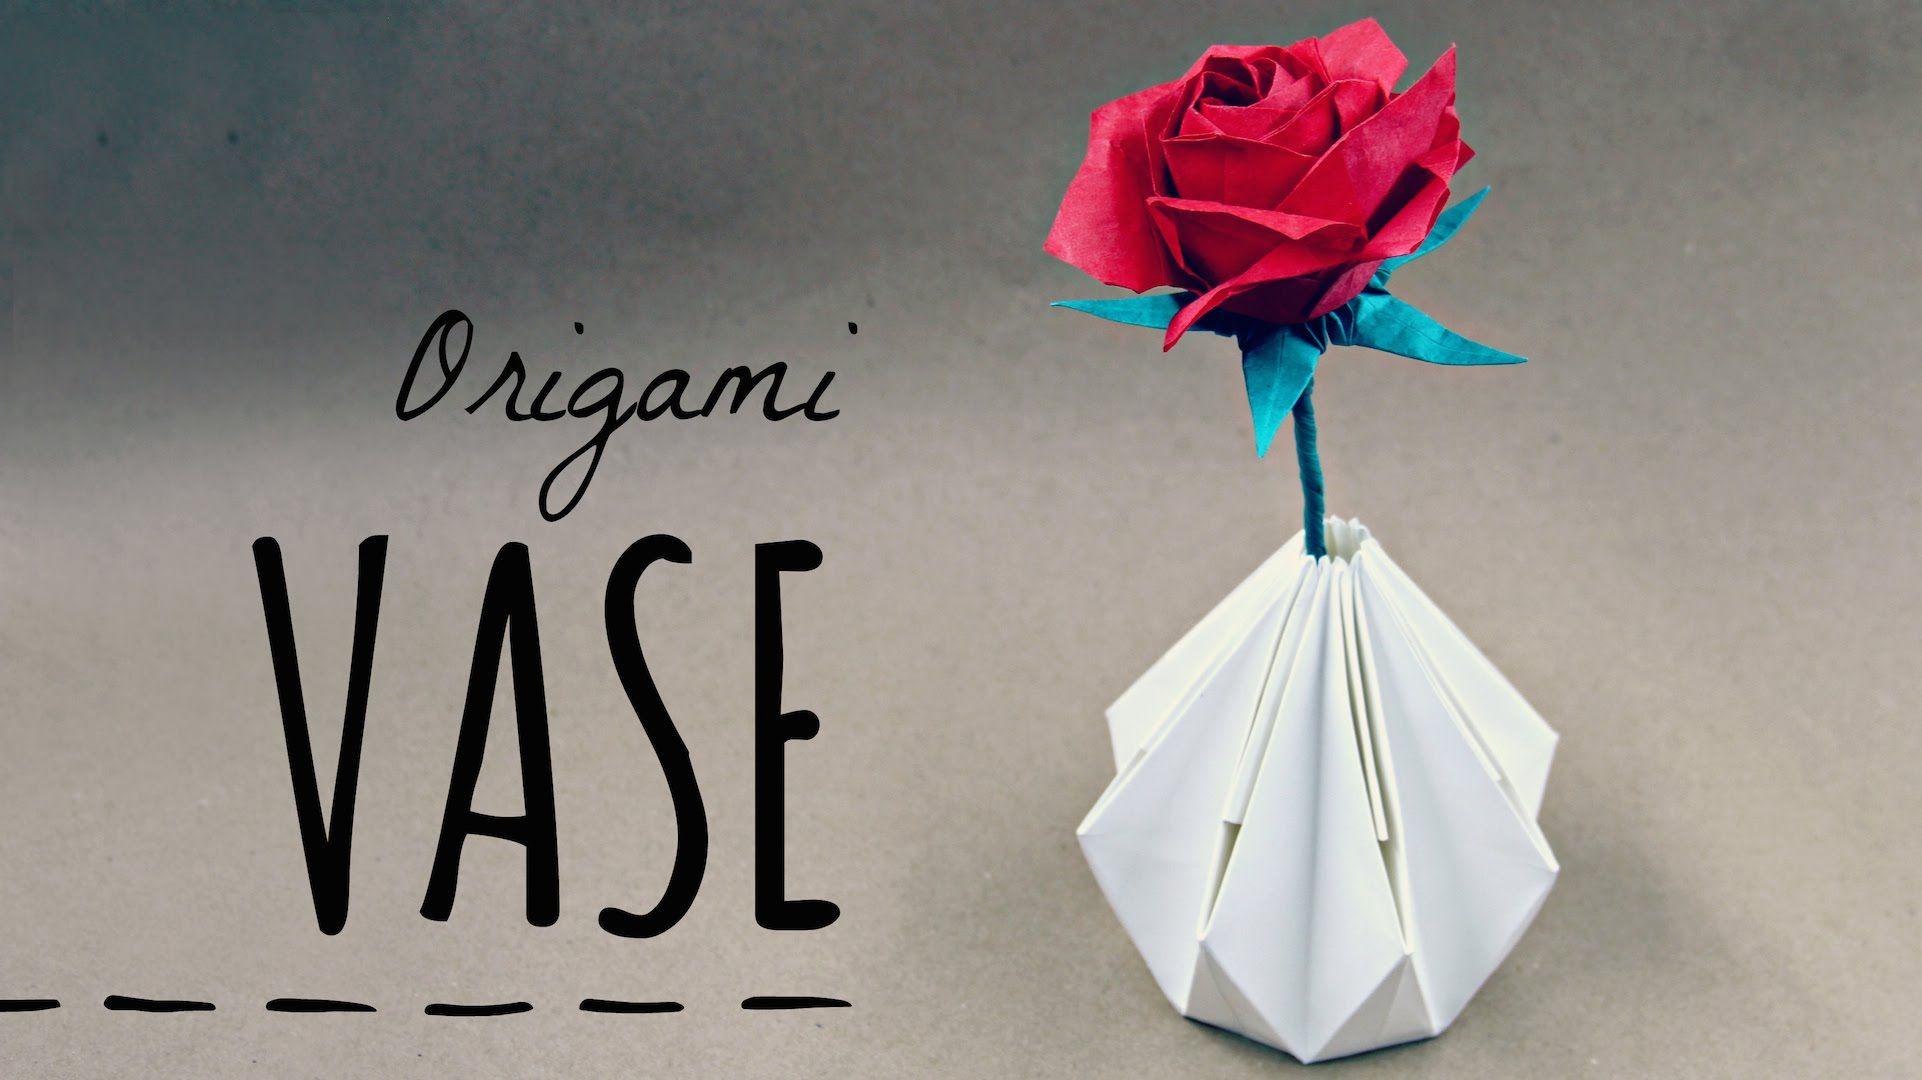 Lampada Origami Istruzioni : Origami vase tadashi mori lampade fare la carta